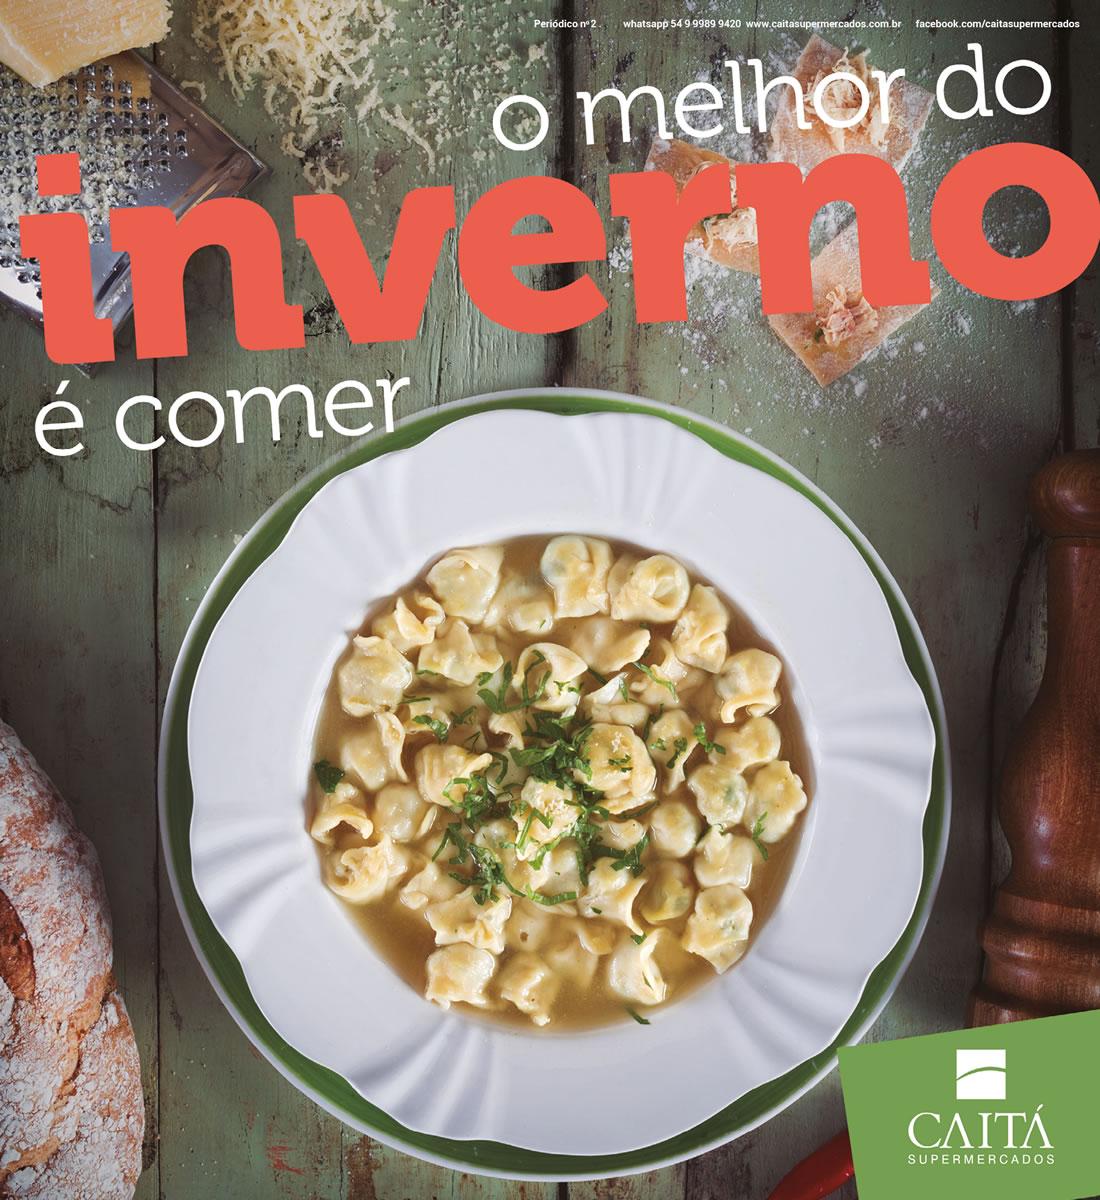 caita_supermercados_tabloide_bento_julho2018_01